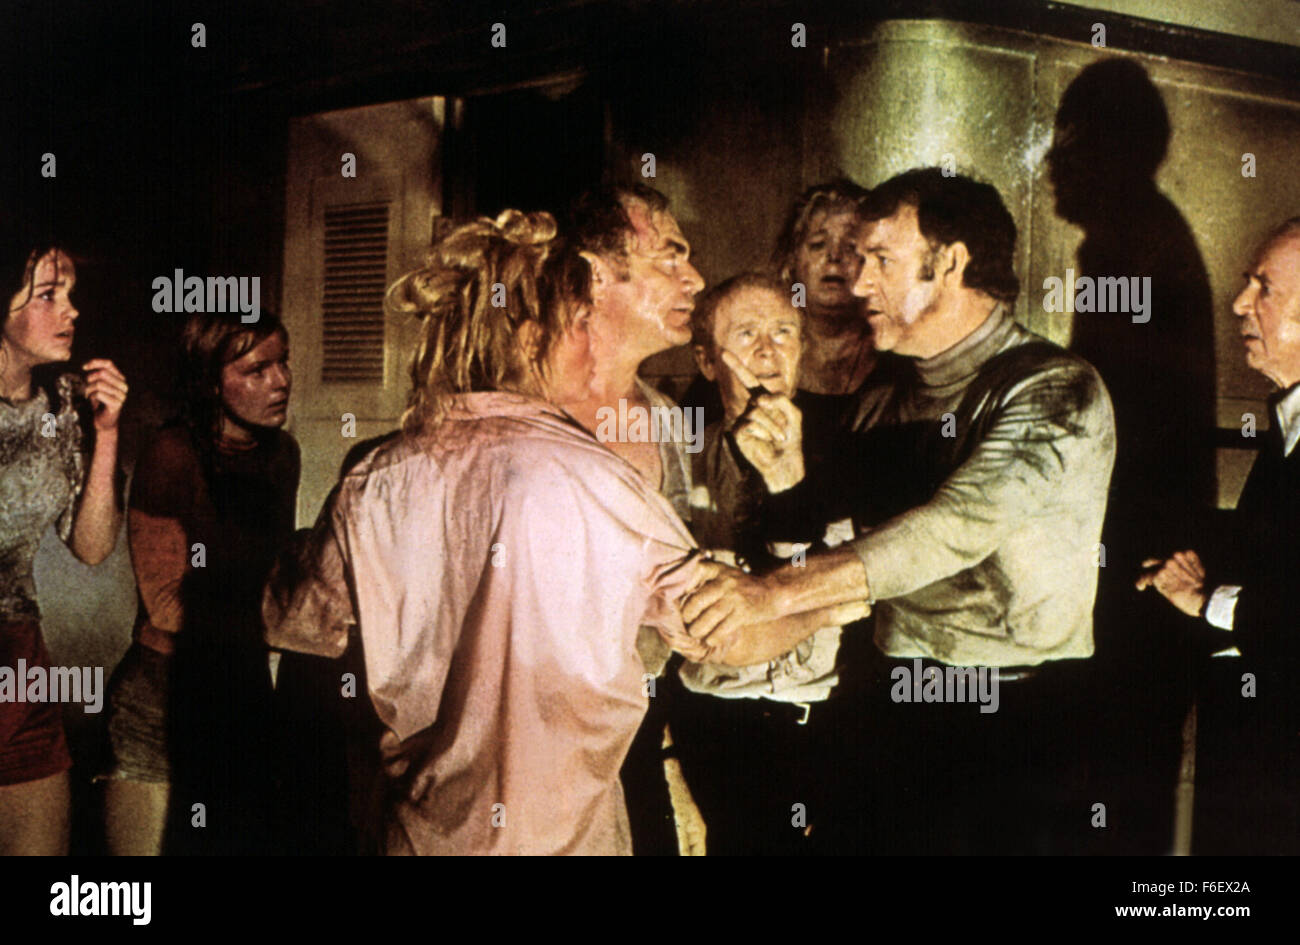 Release Date Dec 12 1972 Film Title The Poseidon